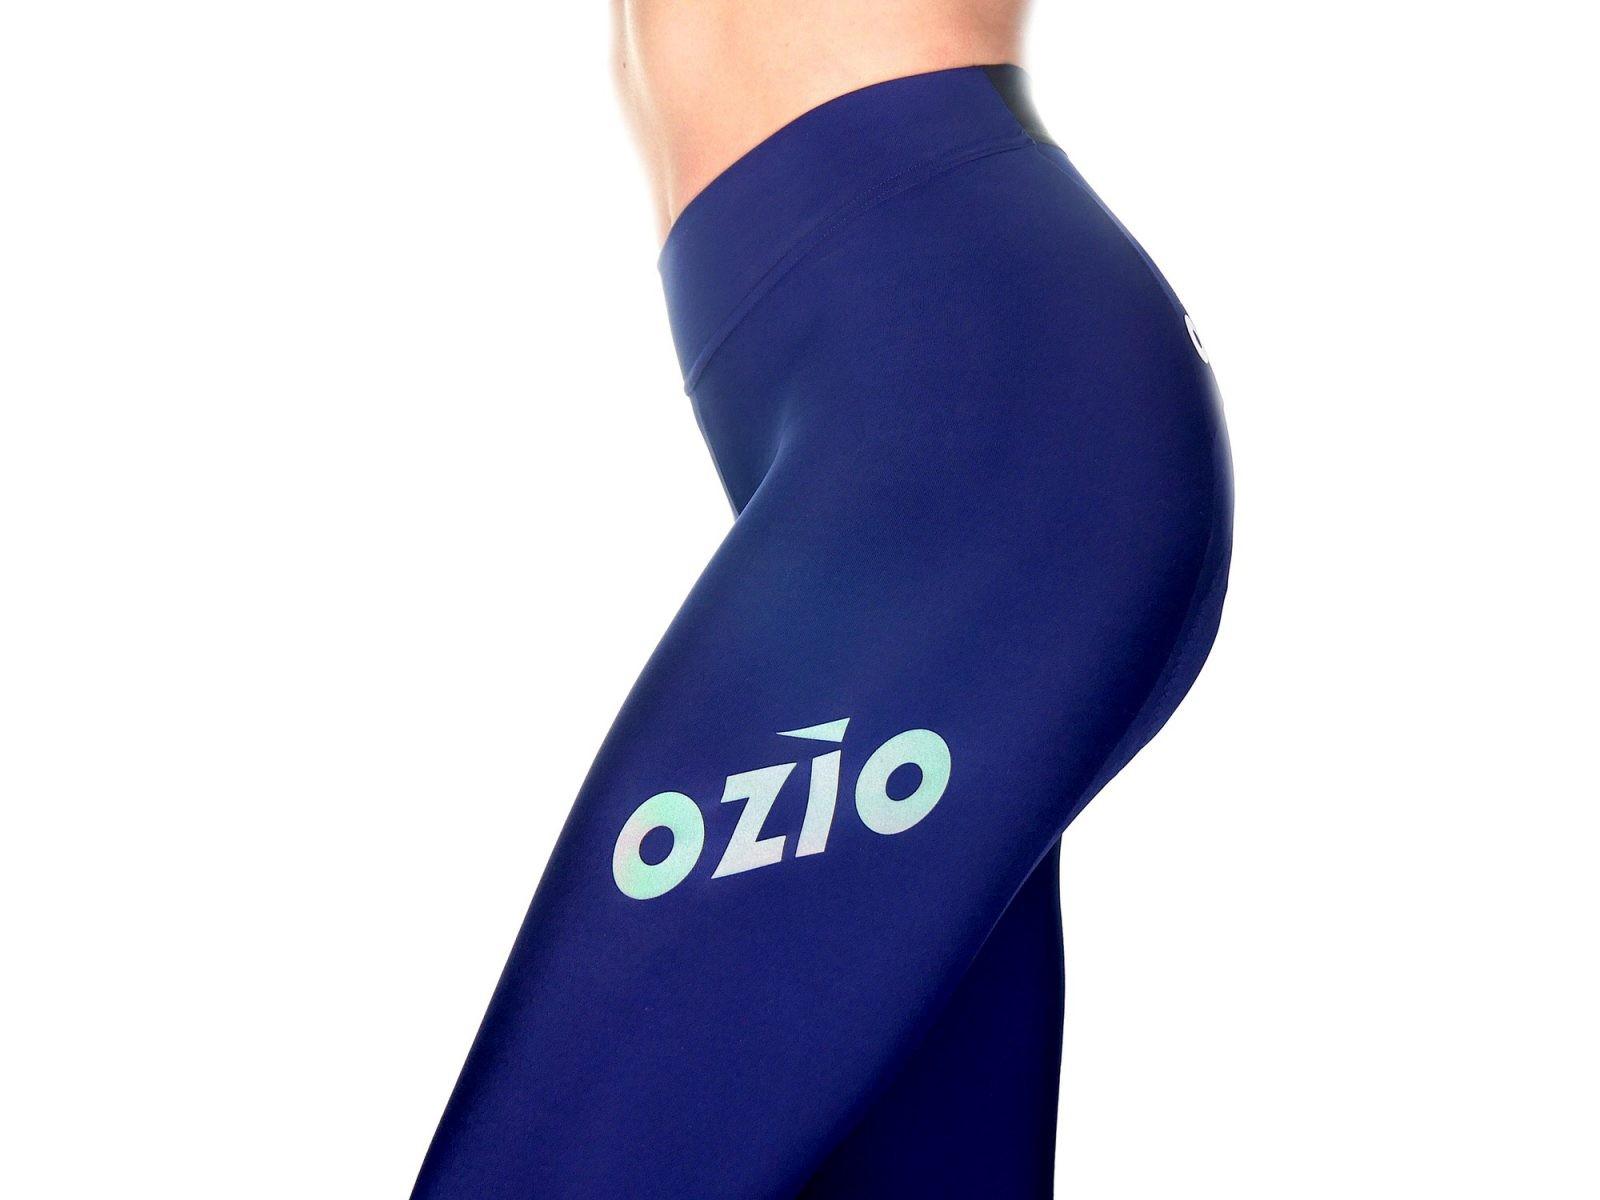 Collant de vélo hiver pour femme OZIO